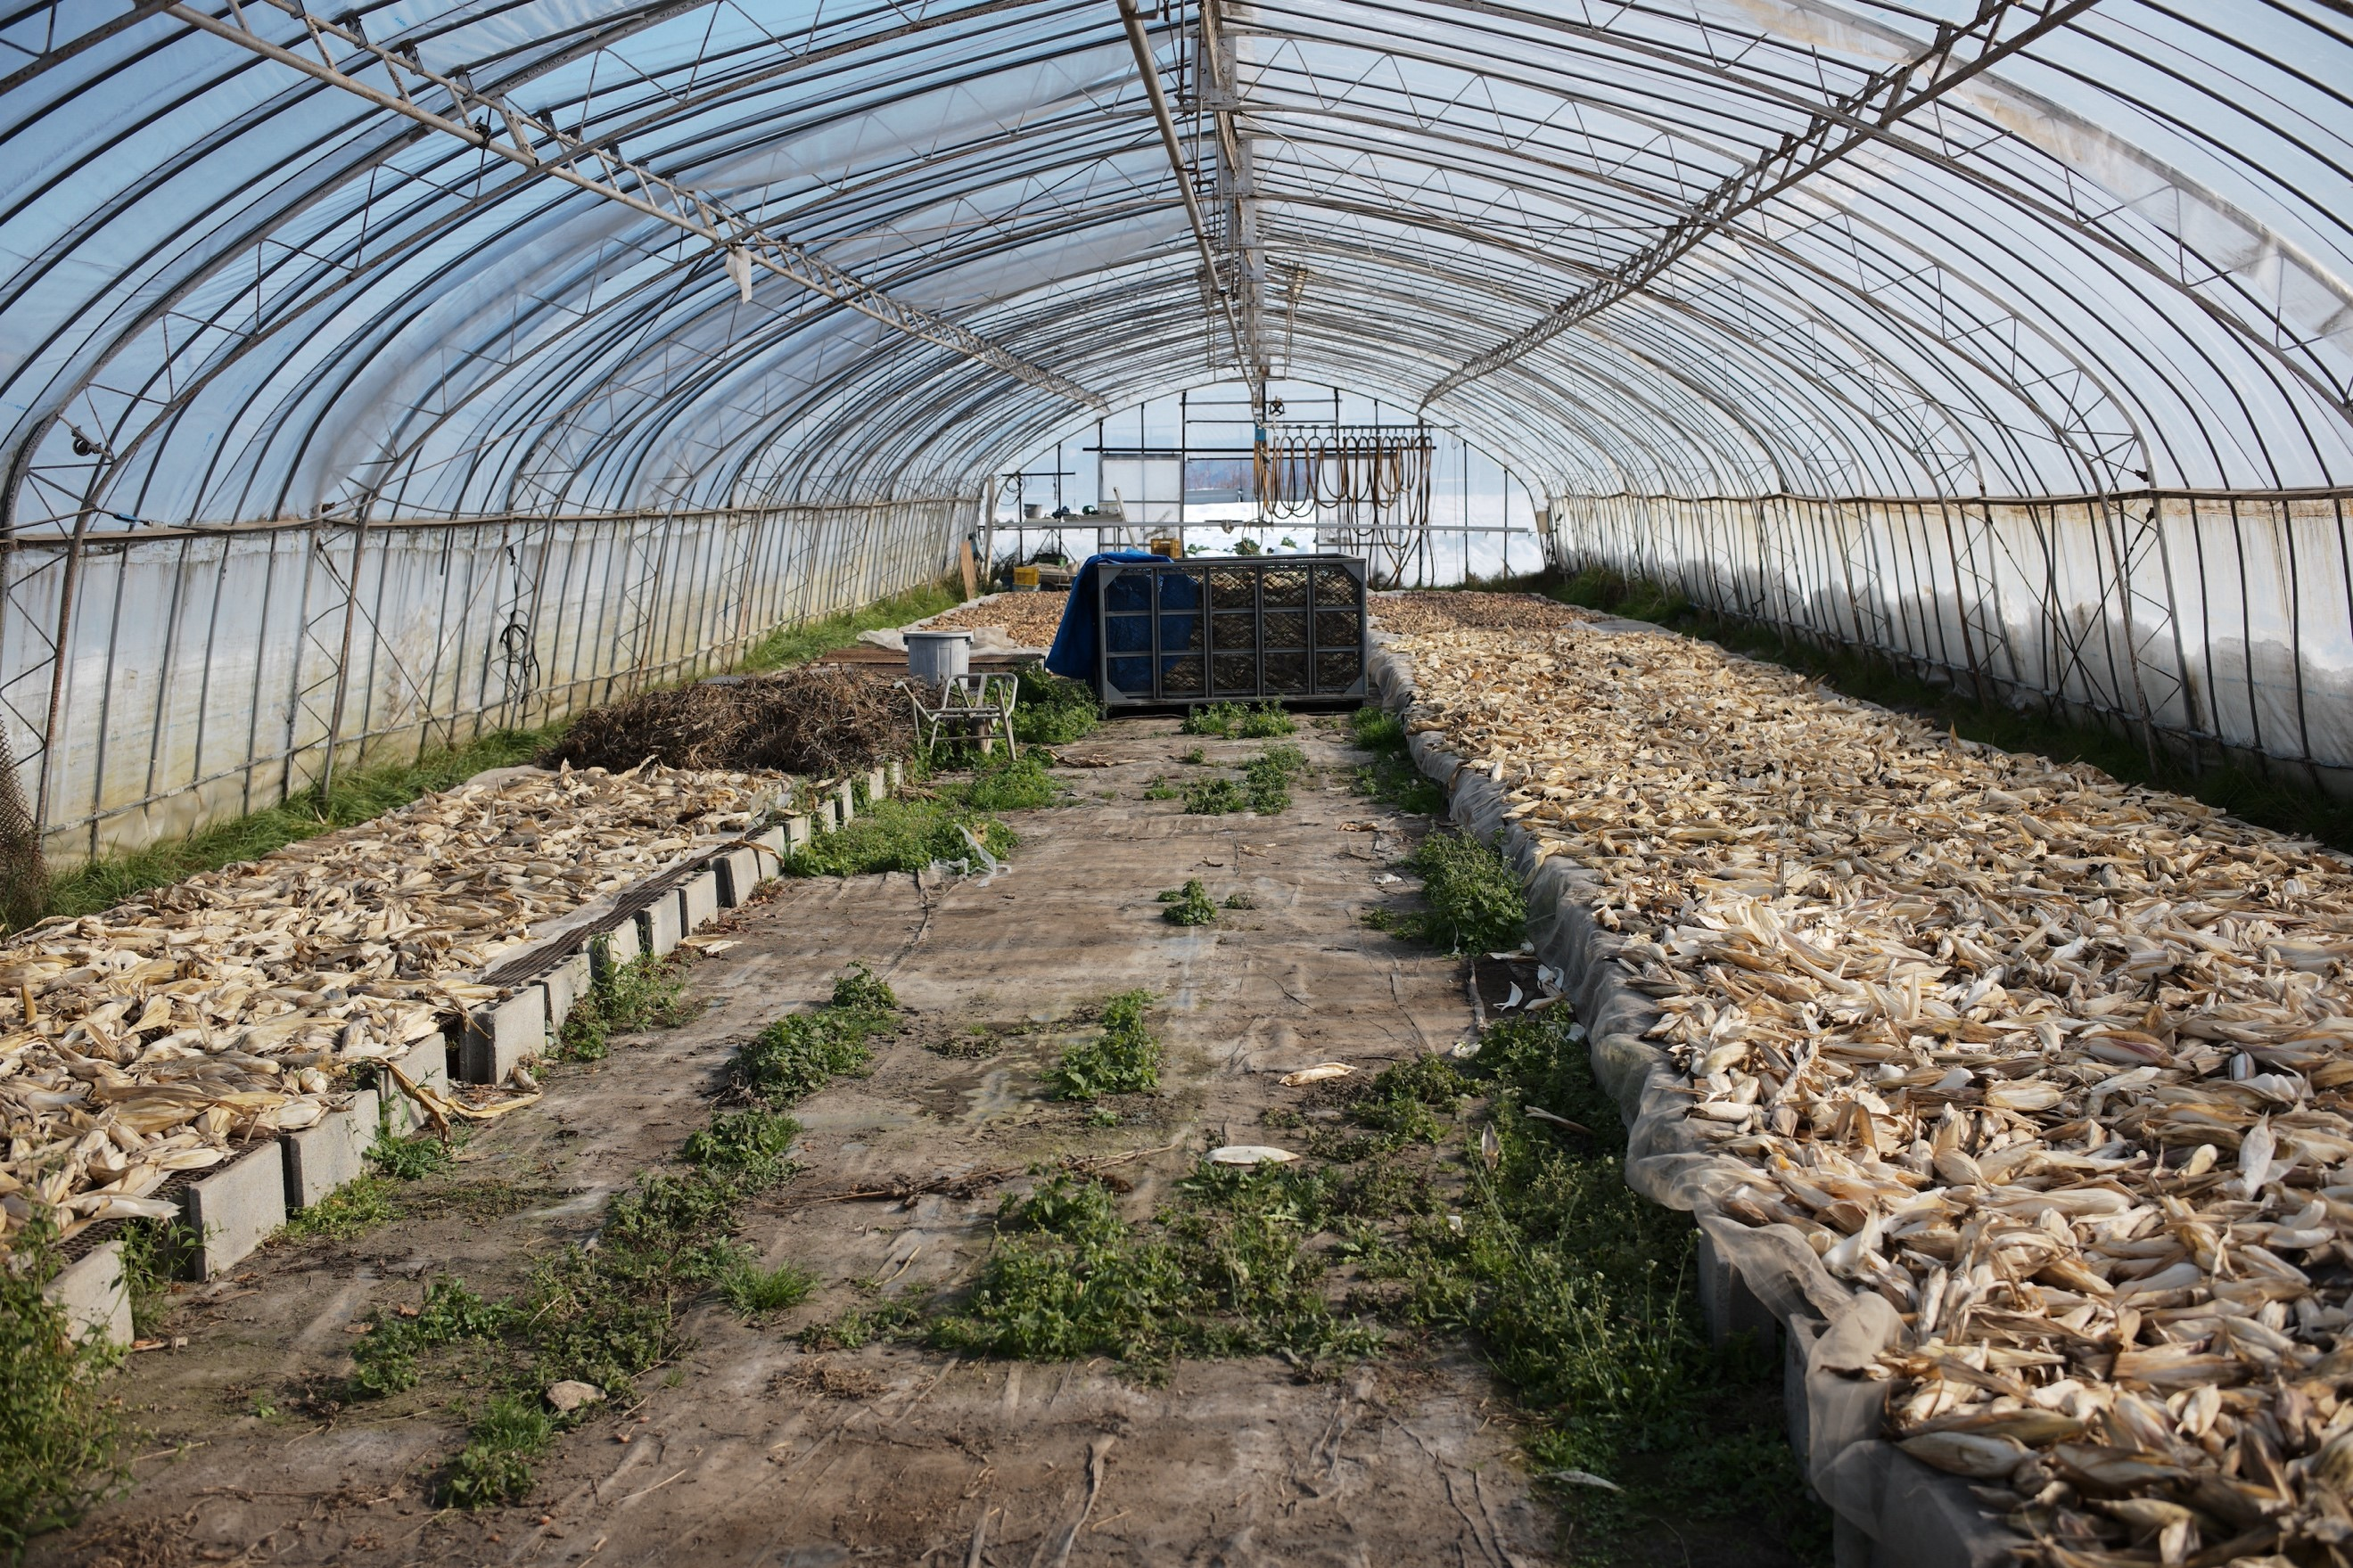 ビニールハウス内で乾燥作業中の玉ねぎ・ポップコーン